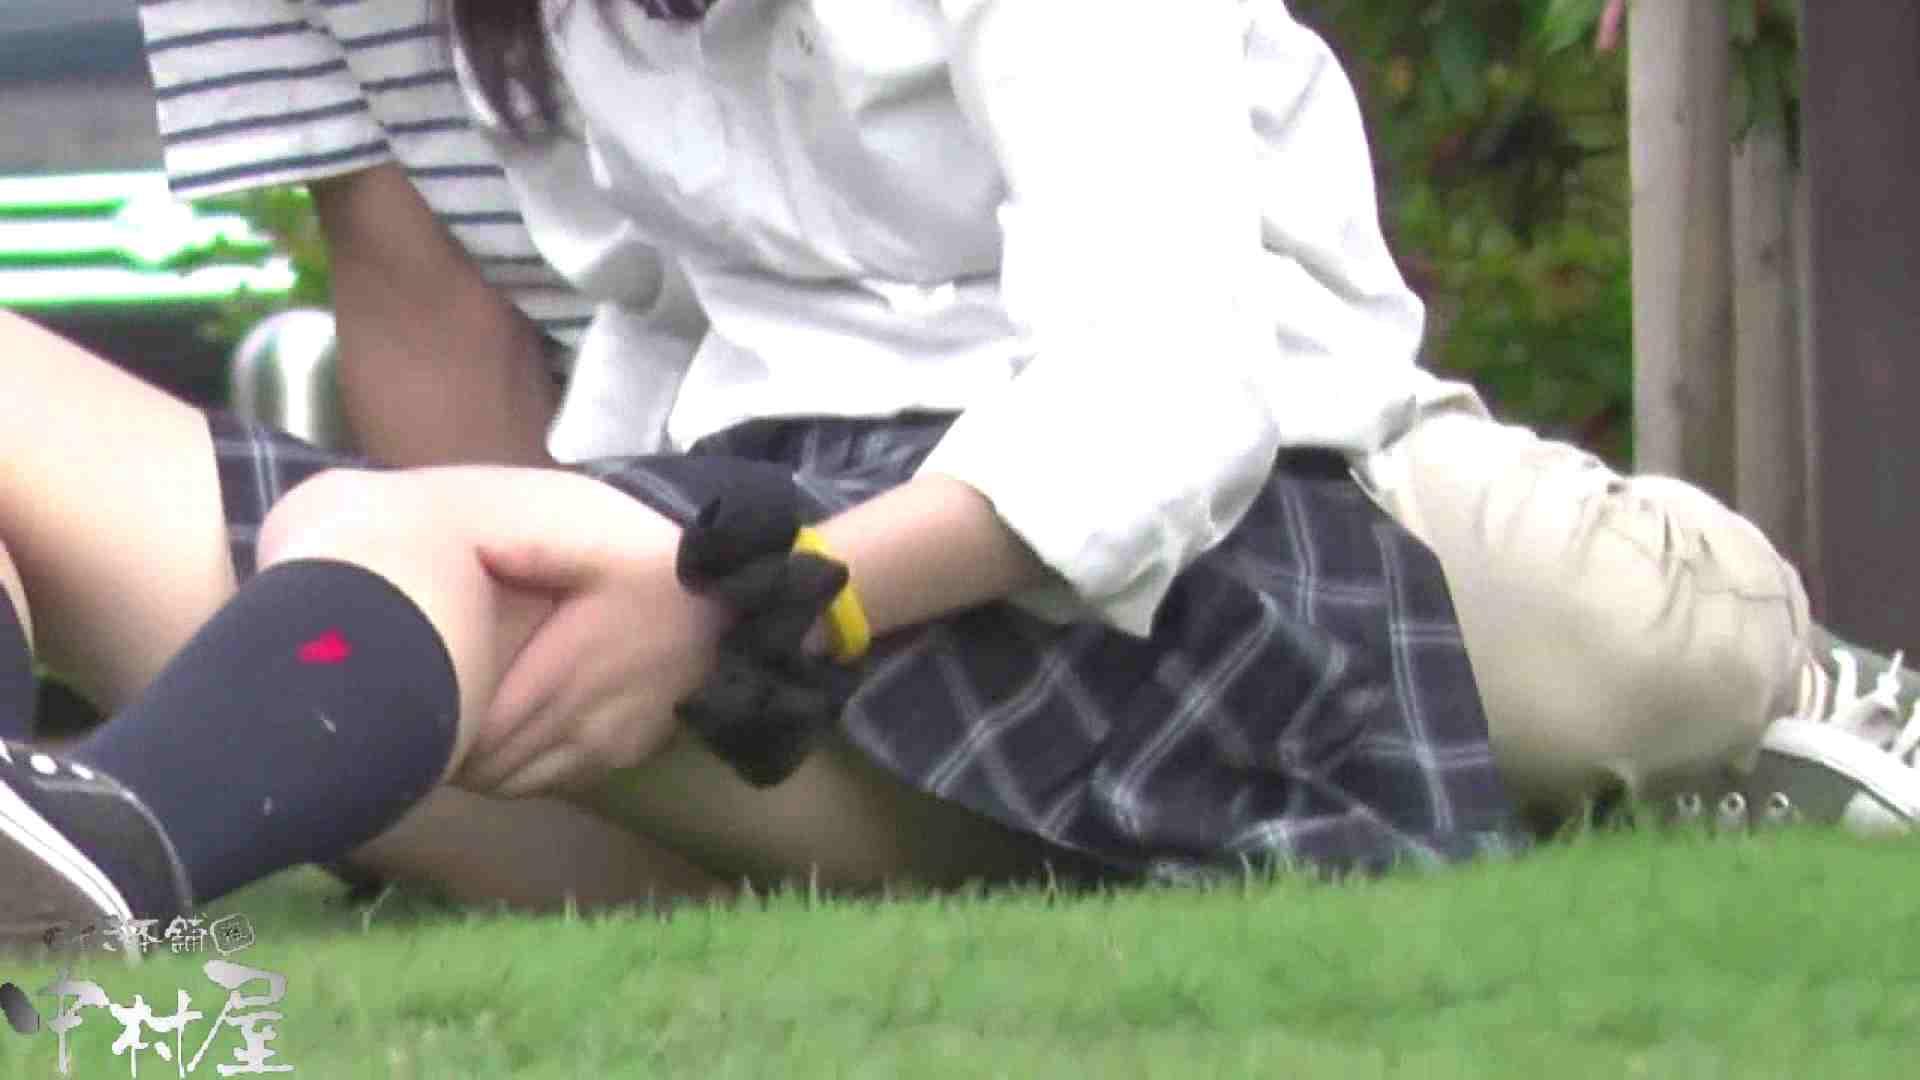 ドキドキ❤新入生パンチラ歓迎会vol.18 OLセックス 盗み撮りAV無料動画キャプチャ 86画像 57